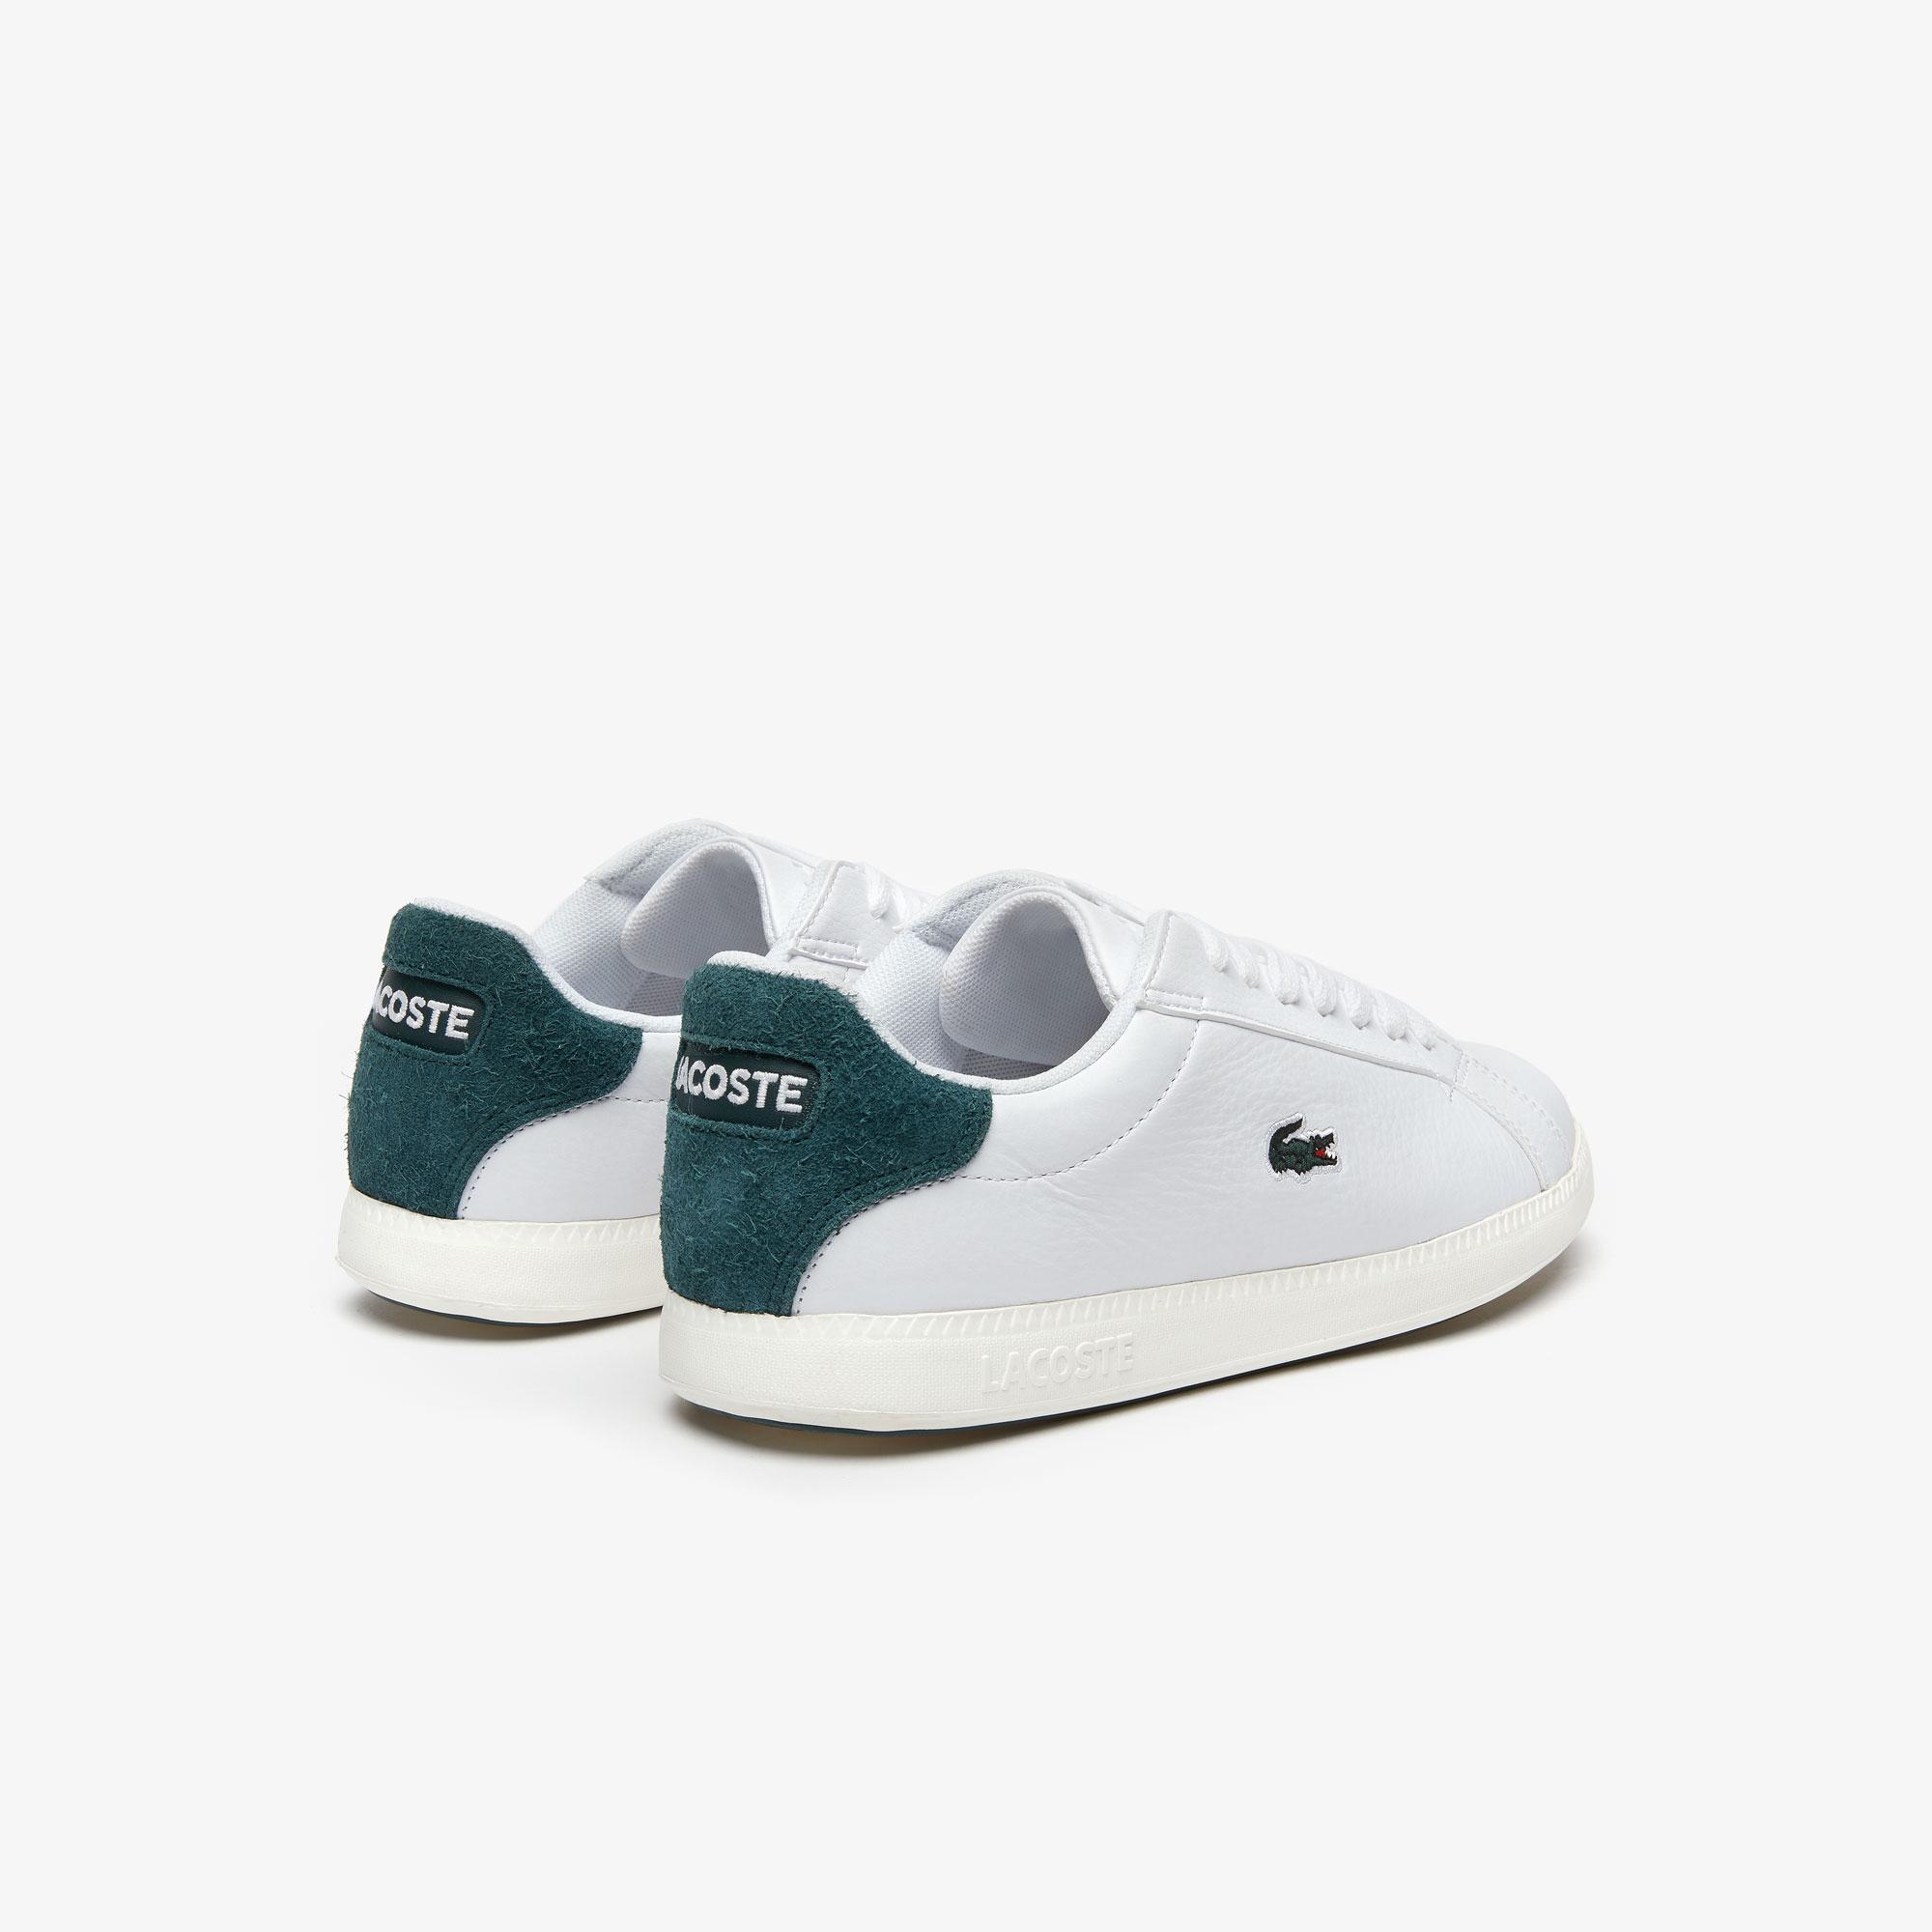 Lacoste Graduate 319 1 Sfa Kadın Beyaz - Koyu Yeşil Sneaker